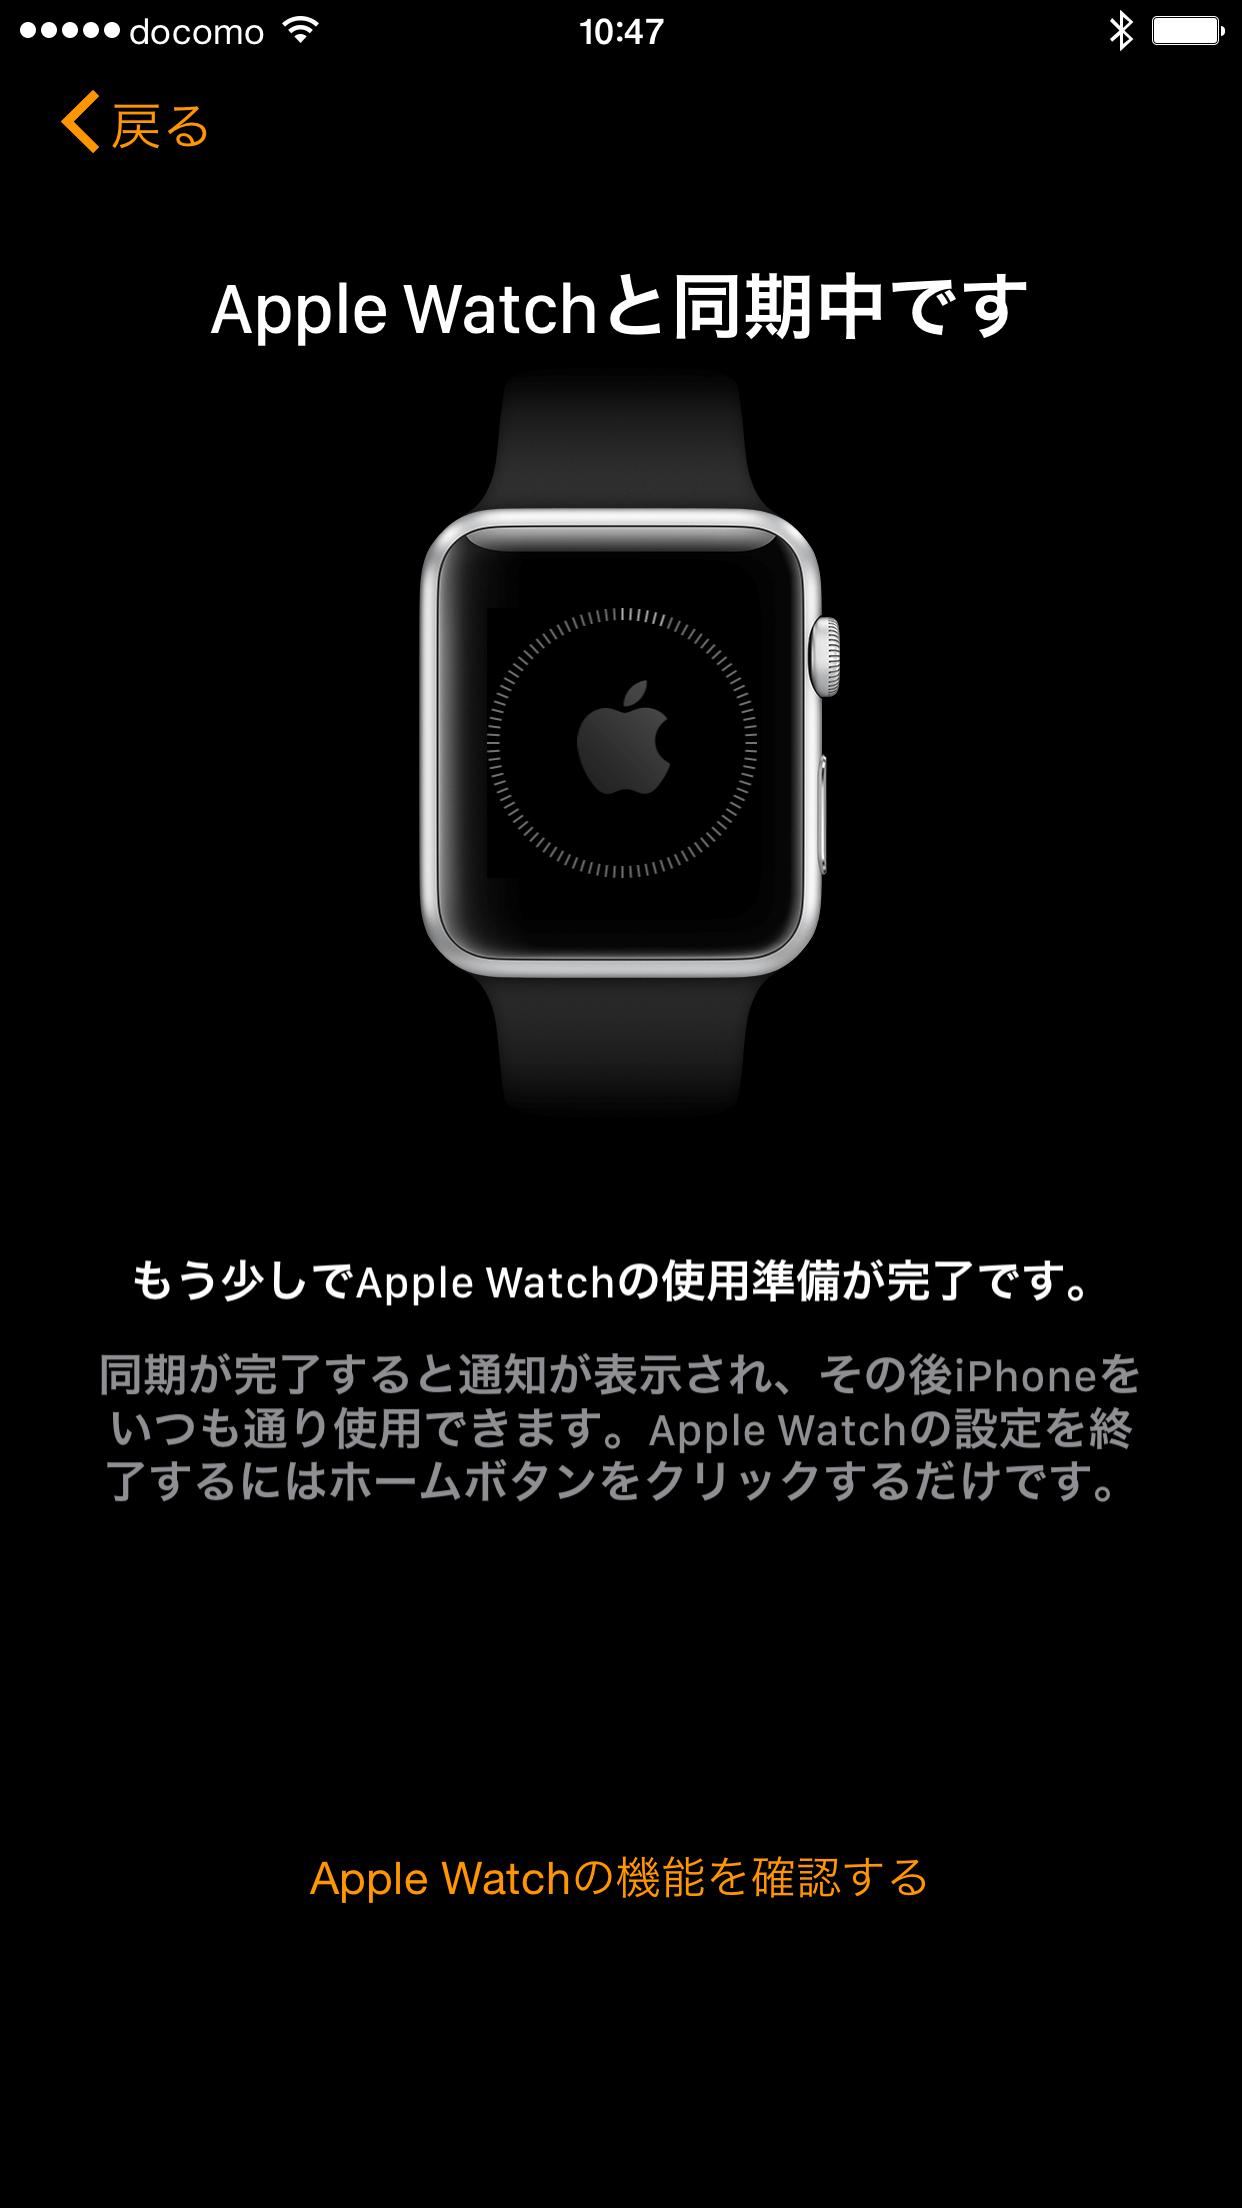 iPhoneとApple Watchの同期が開始される